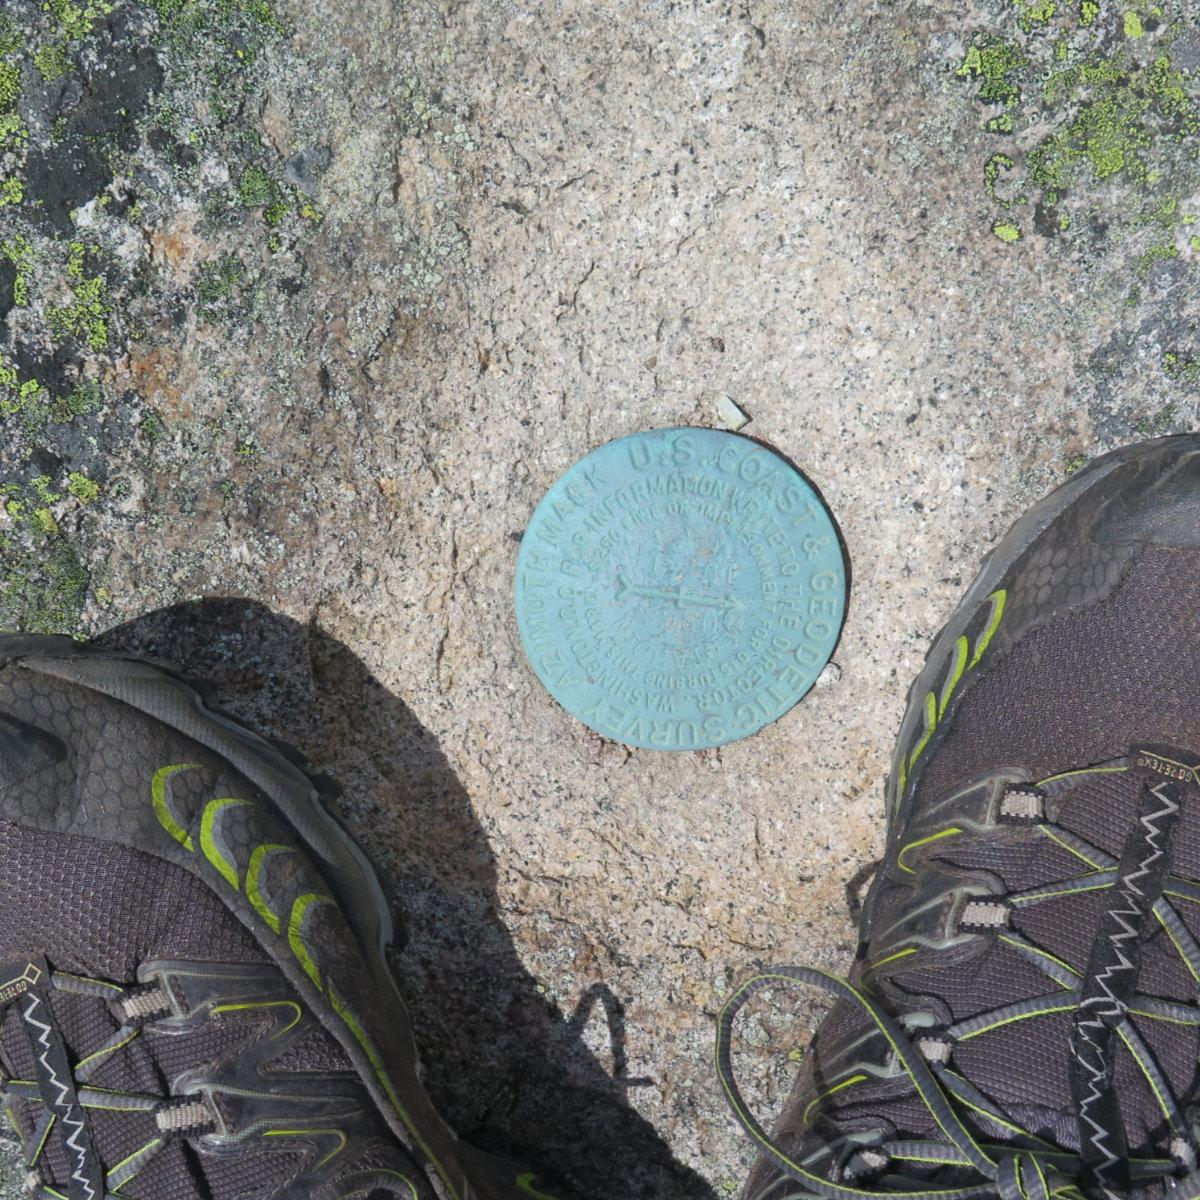 Summit-Medalion-Katahdin-BSP-20190703